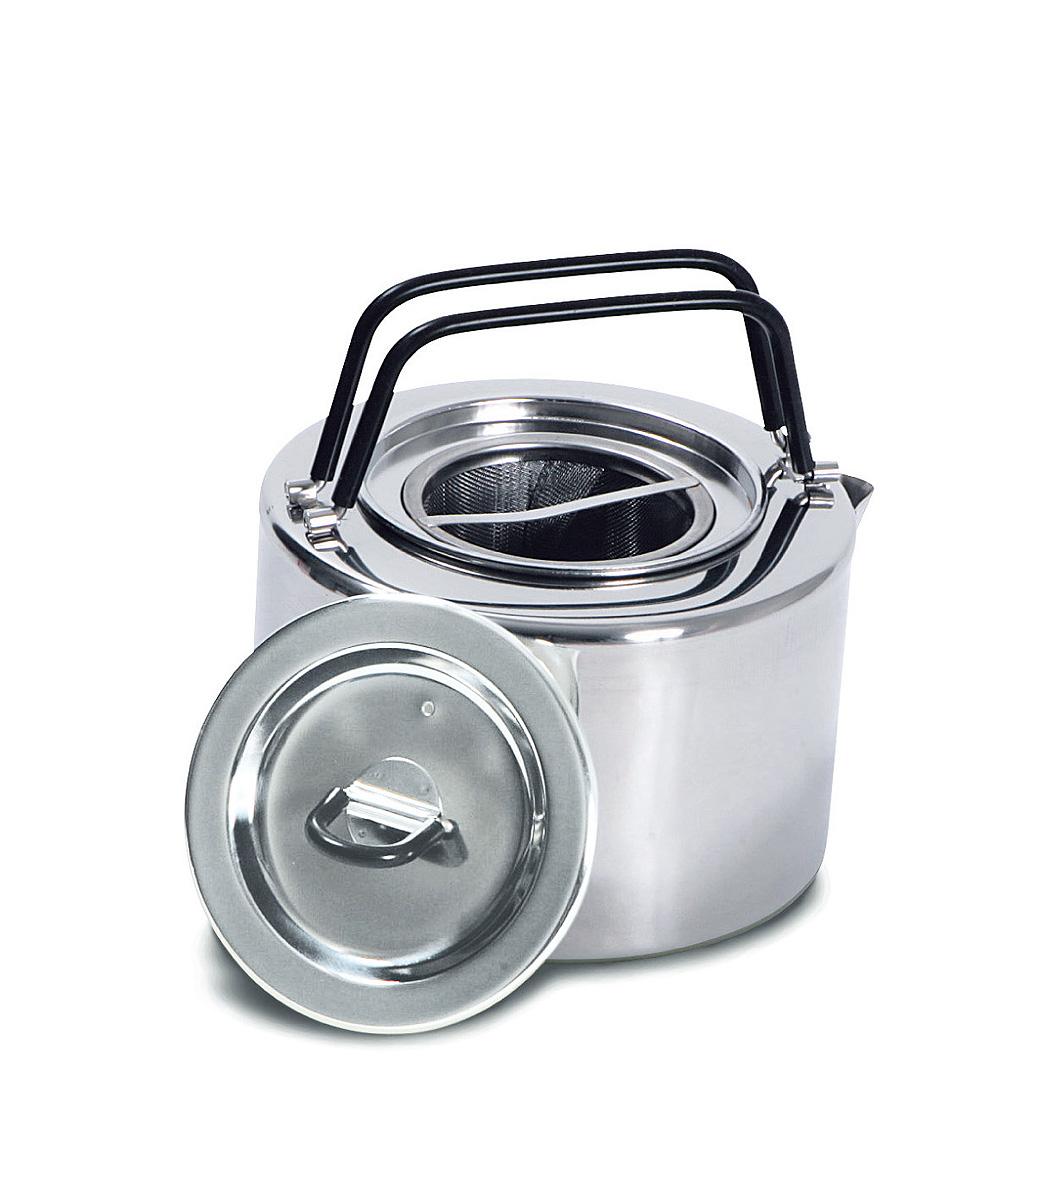 Чайник походный Tatonka Teapot, 1,5 л67743Чайник Tatonka Teapot из нержавеющей стали с термоизолированными ручками и компактным дизайном. Замечательно подходит для использования дома и на выезде. В комплекте ситечко из нержавеющей стали.Преимущества и особенности:Высококачественная нержавеющая сталь.Складные термоизолированные ручки.Крышка со складной термоизолированной ручкой.Компактный дизайн.Ситечко из нержавеющей стали.Диаметр чайника: 14,5 см.Высота чайника: 9 см.